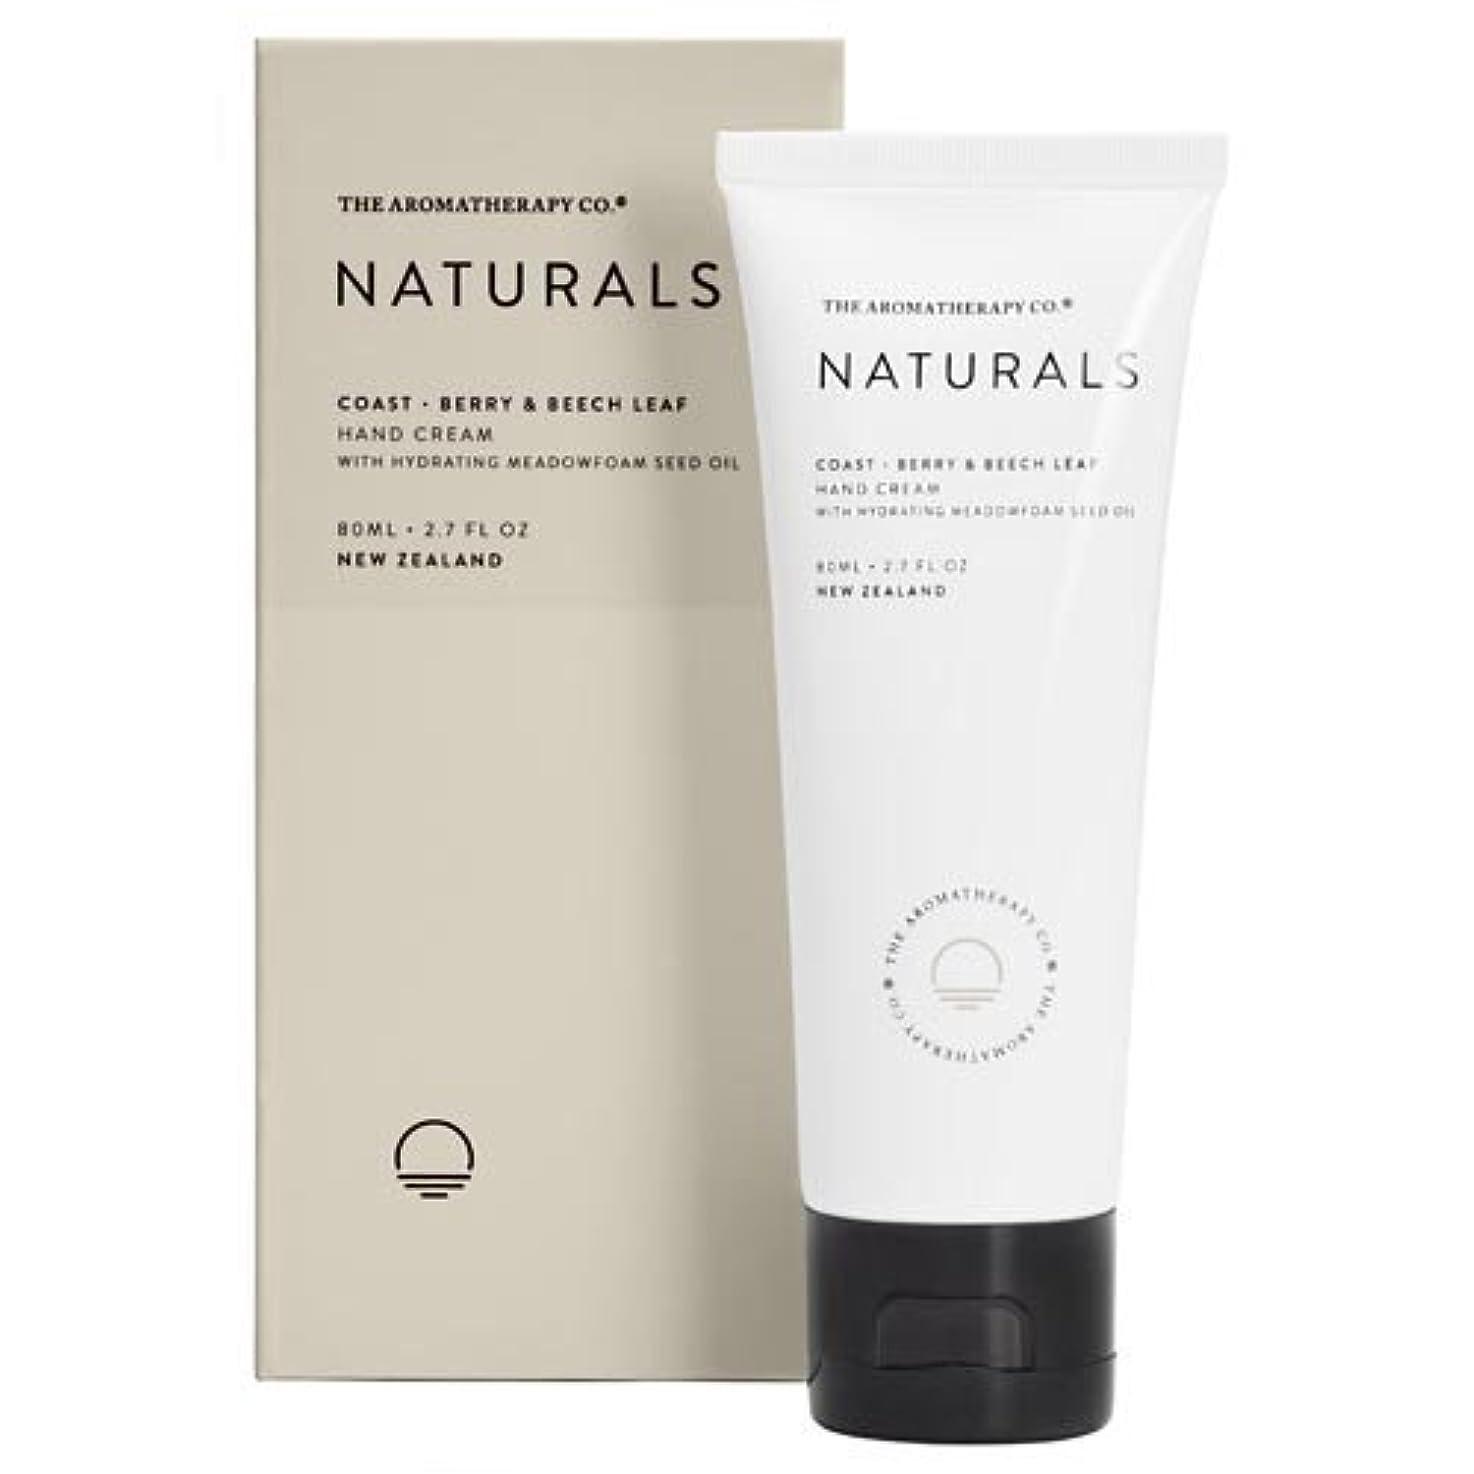 しっとりバブル誤解new NATURALS ナチュラルズ Hand Cream ハンドクリーム Coast コースト(海岸)Berry & Beech Leaf ベリー&ビーチリーフ